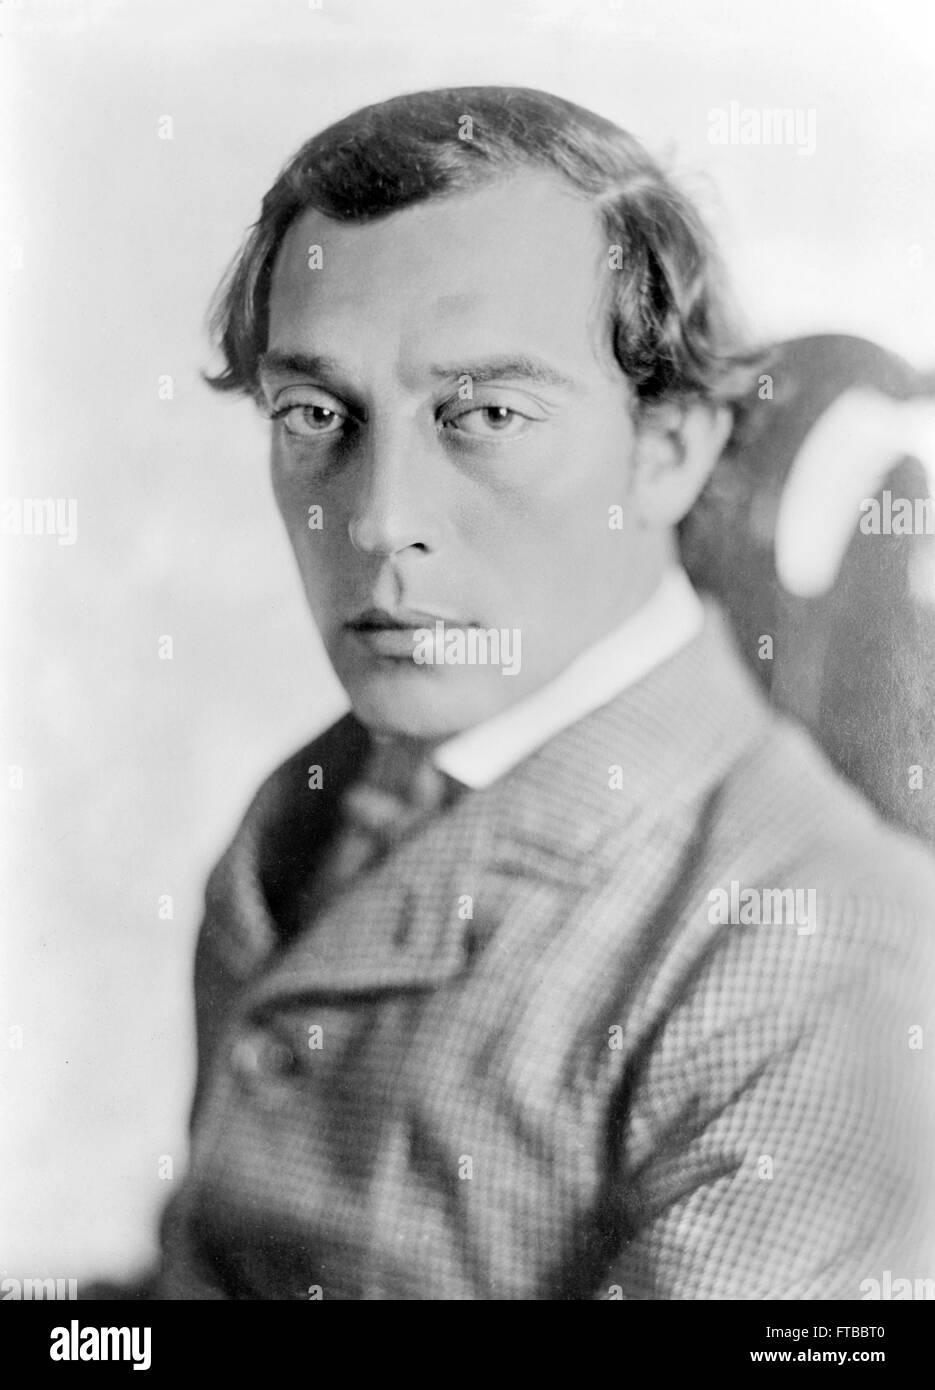 """Buster Keaton. Retrato da estrela cinematográfica silenciosa, Buster Keaton, em """"Geral"""". Imagens de Stock"""